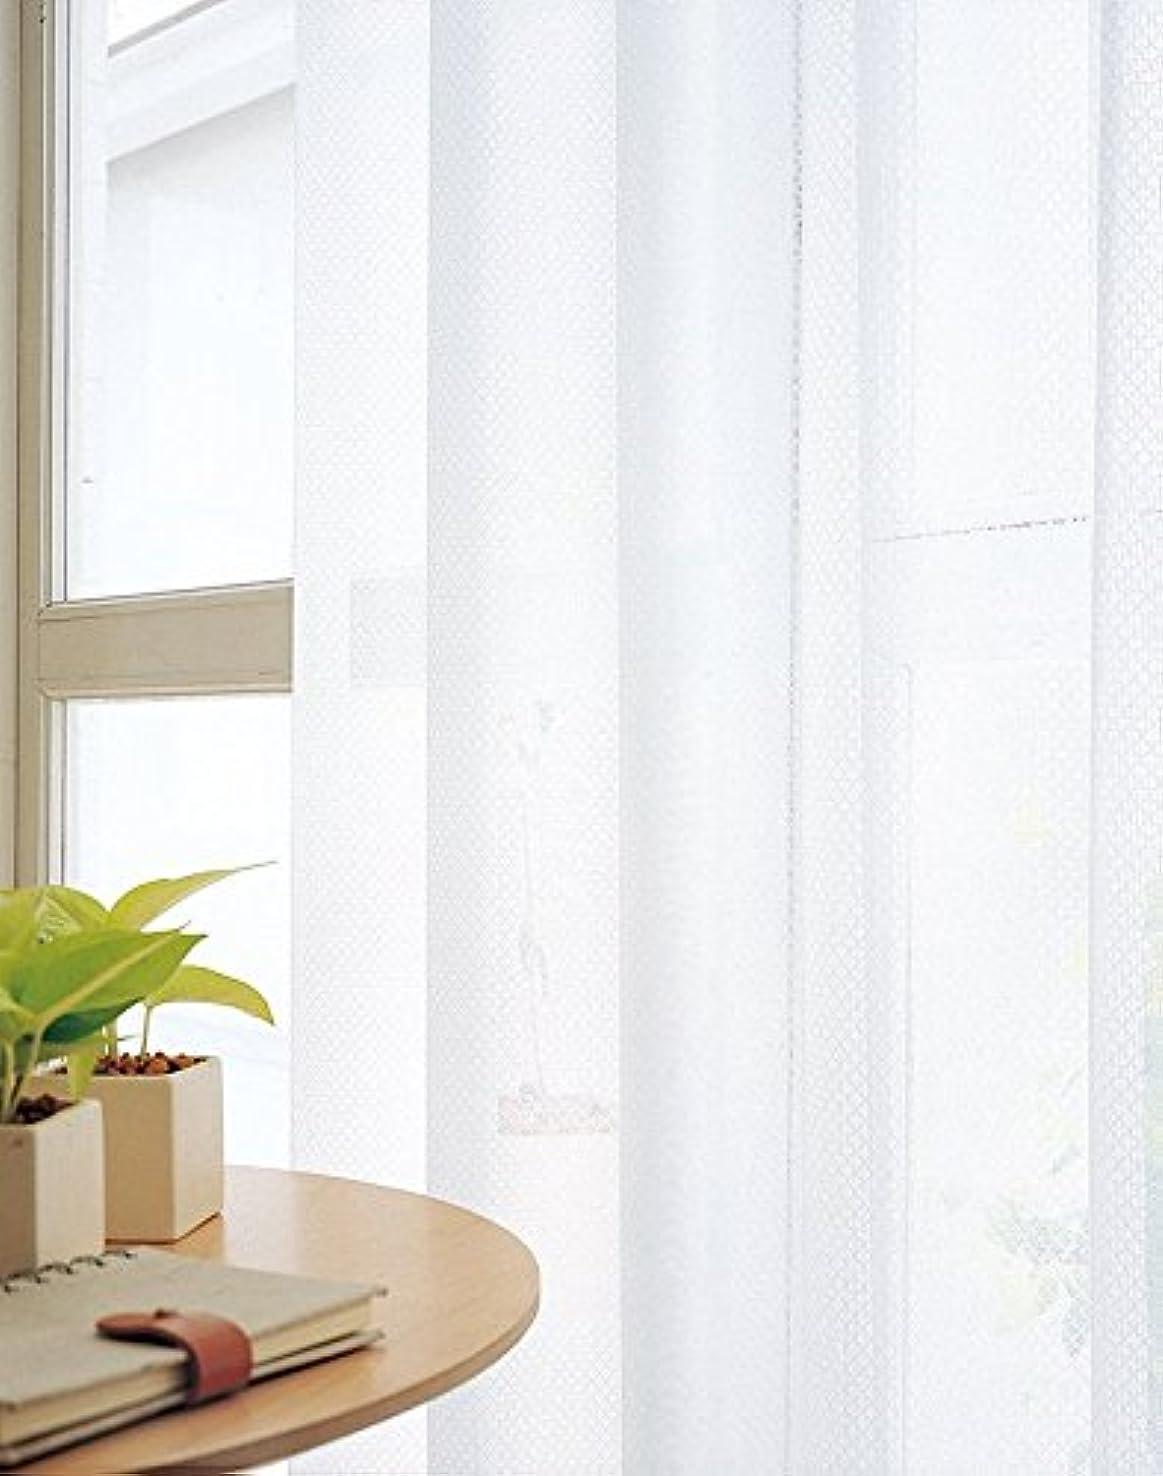 かるうるさい滑りやすい東リ 格子柄の使いやすいミラーレース カーテン2倍ヒダ KSA60491 幅:200cm ×丈:220cm (2枚組)オーダーカーテン